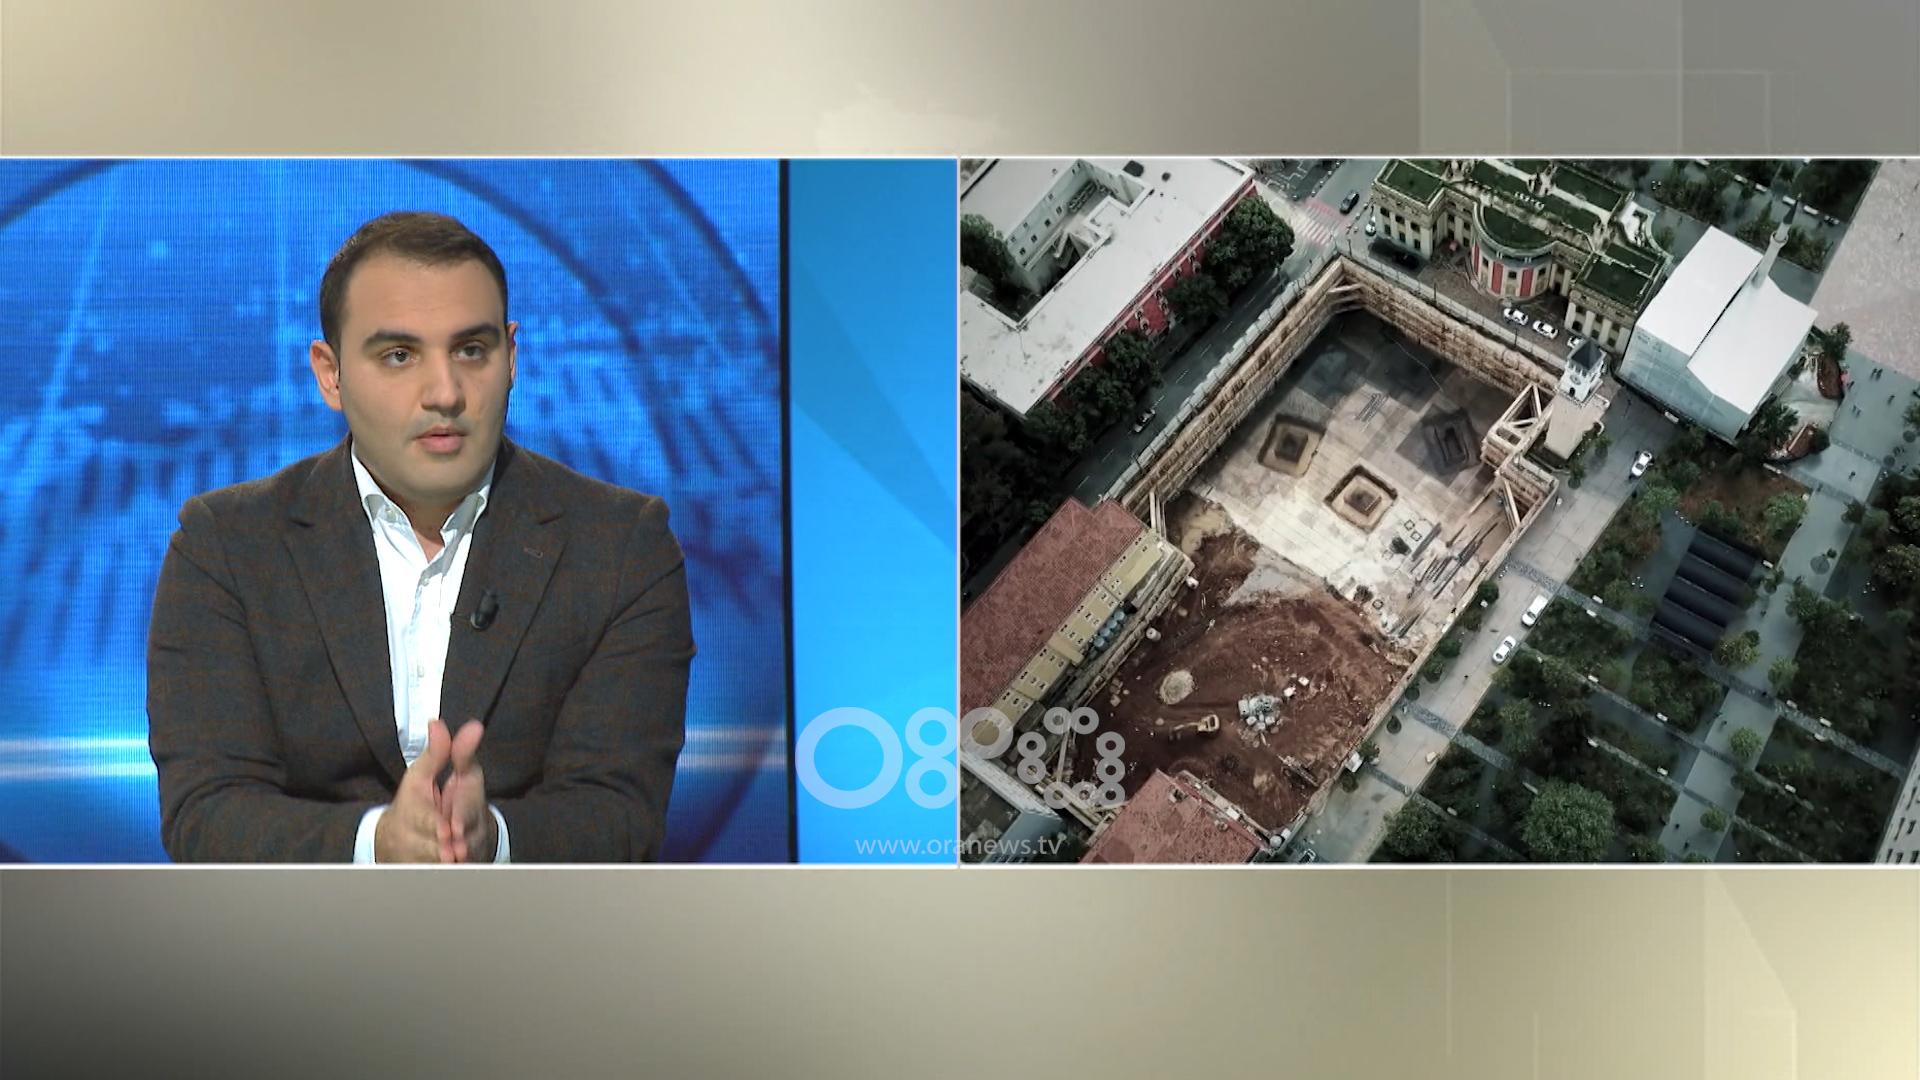 Këlliçi: Në 3 vite 'mafia e betonit' ka pastruar në Tiranë 1.6 miliardë euro